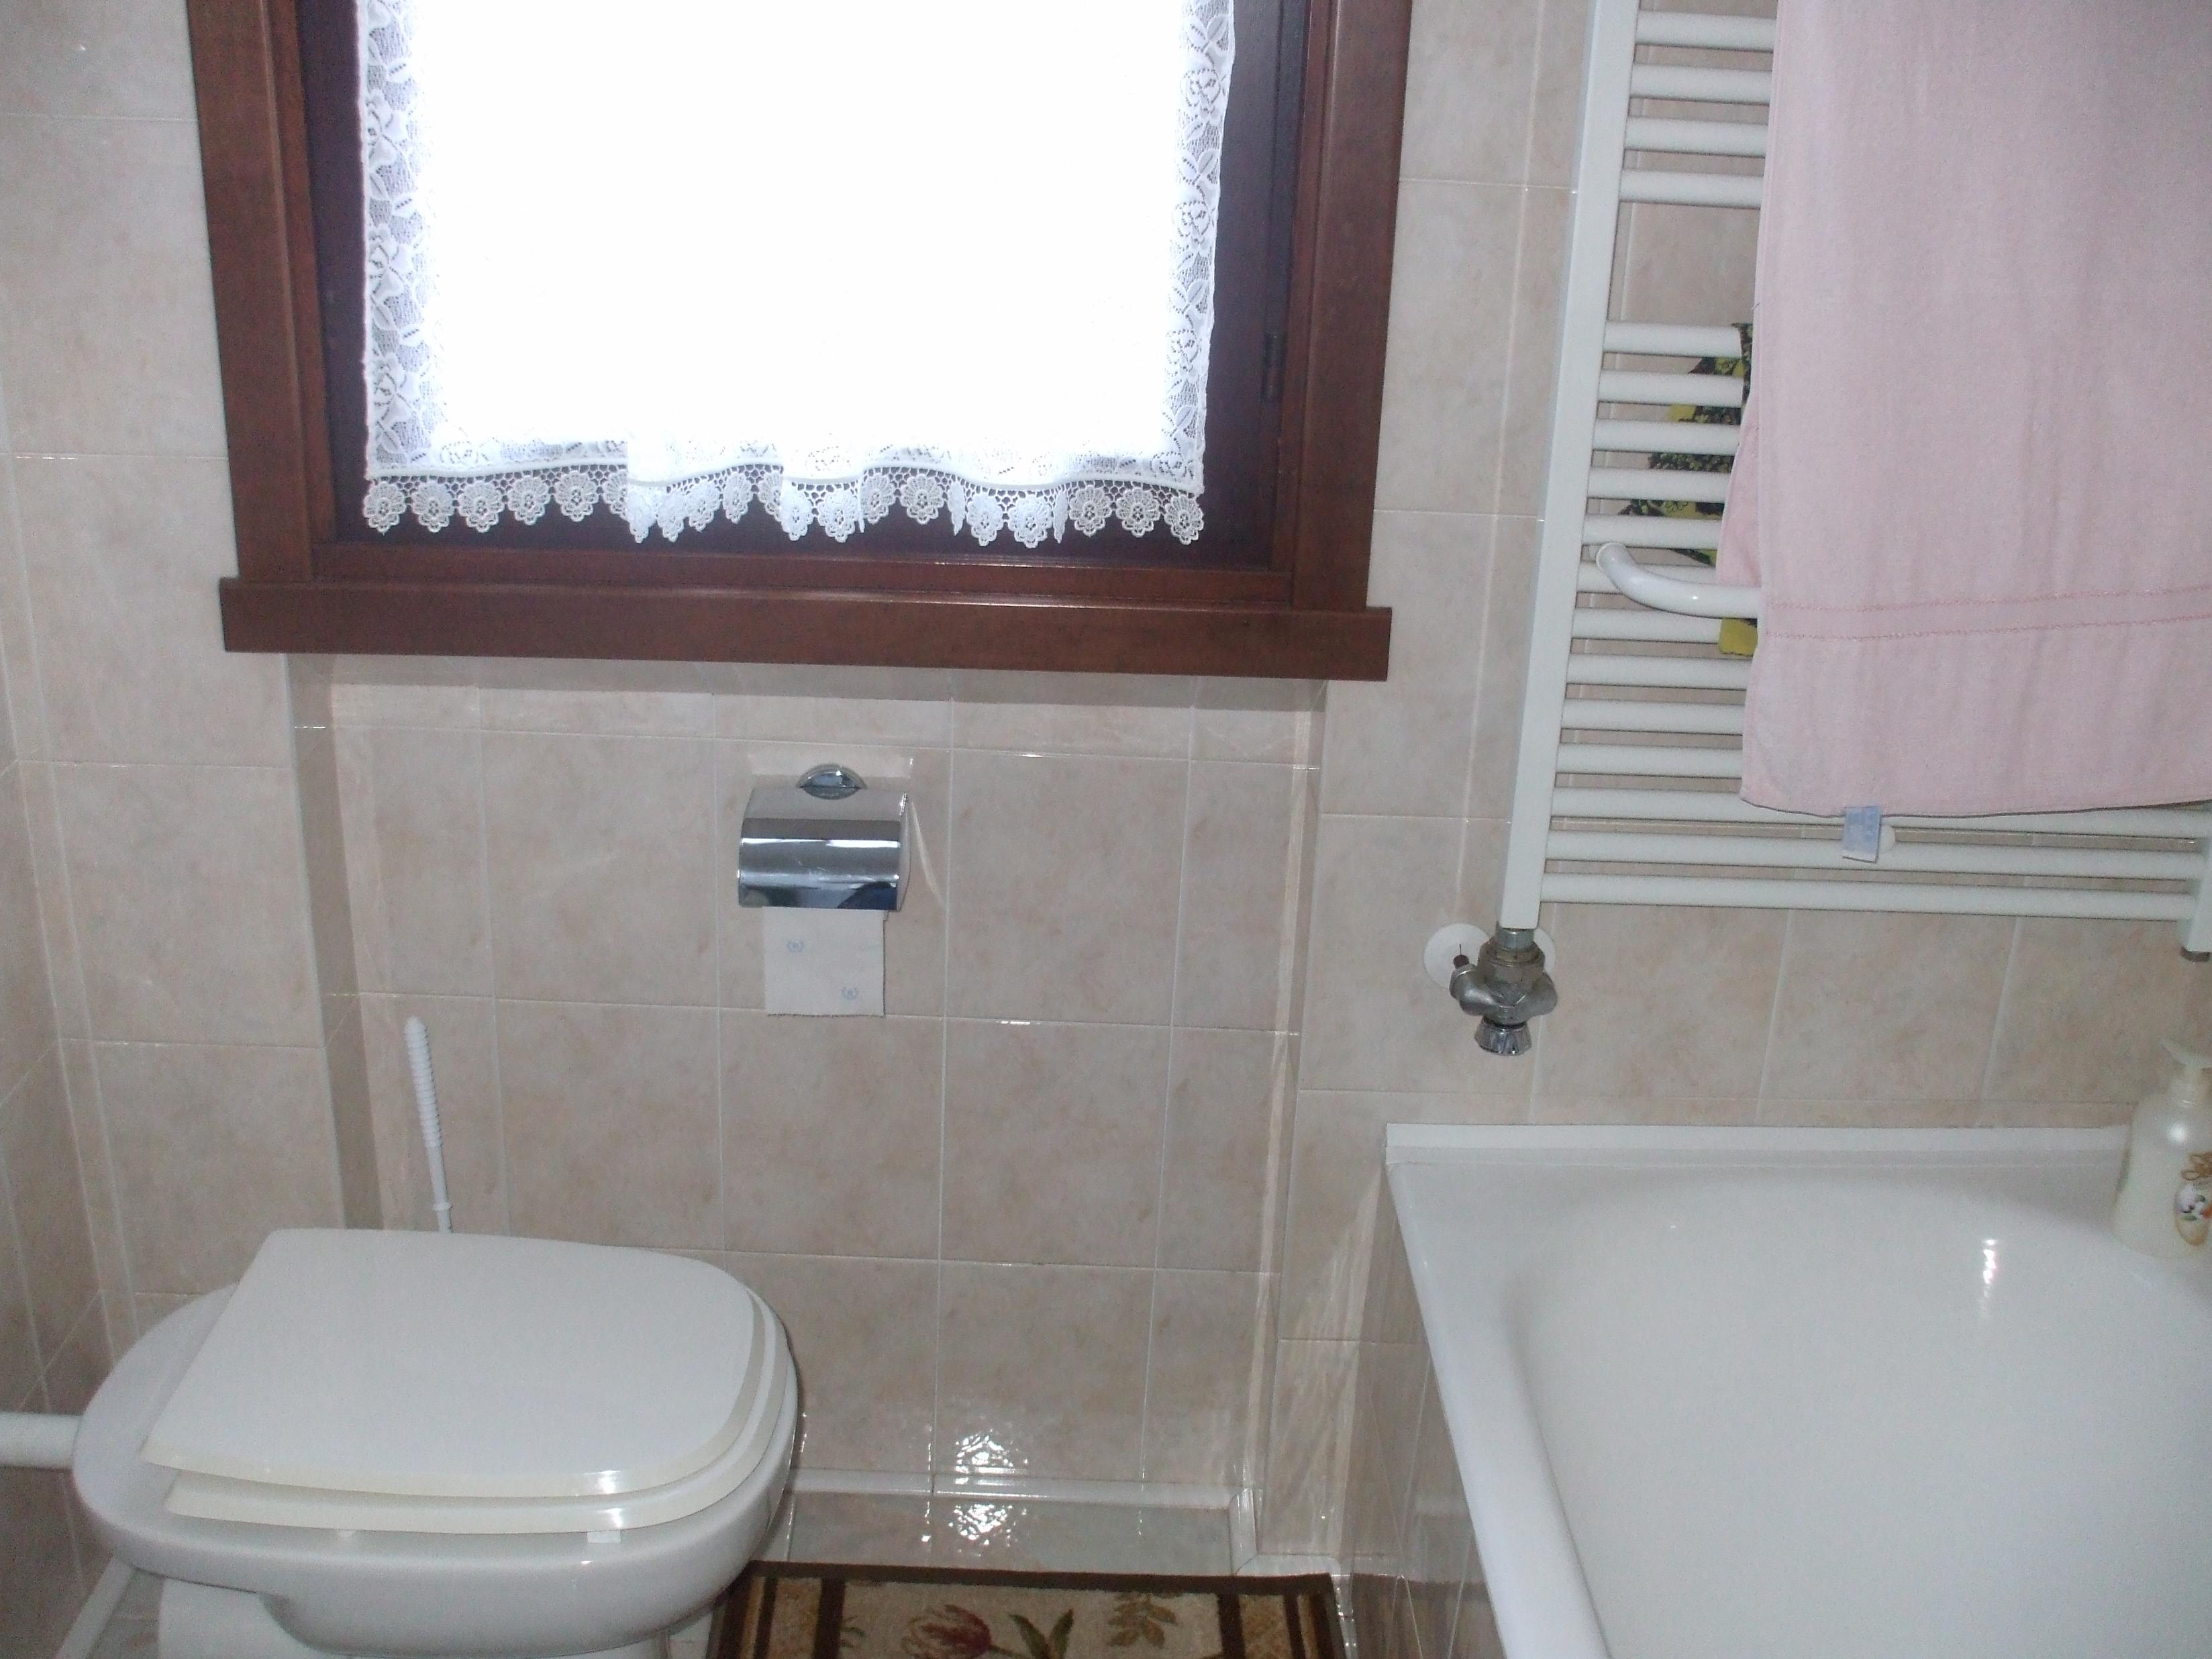 Doccia vasca prezzi - Sovrapposizione piastrelle bagno ...